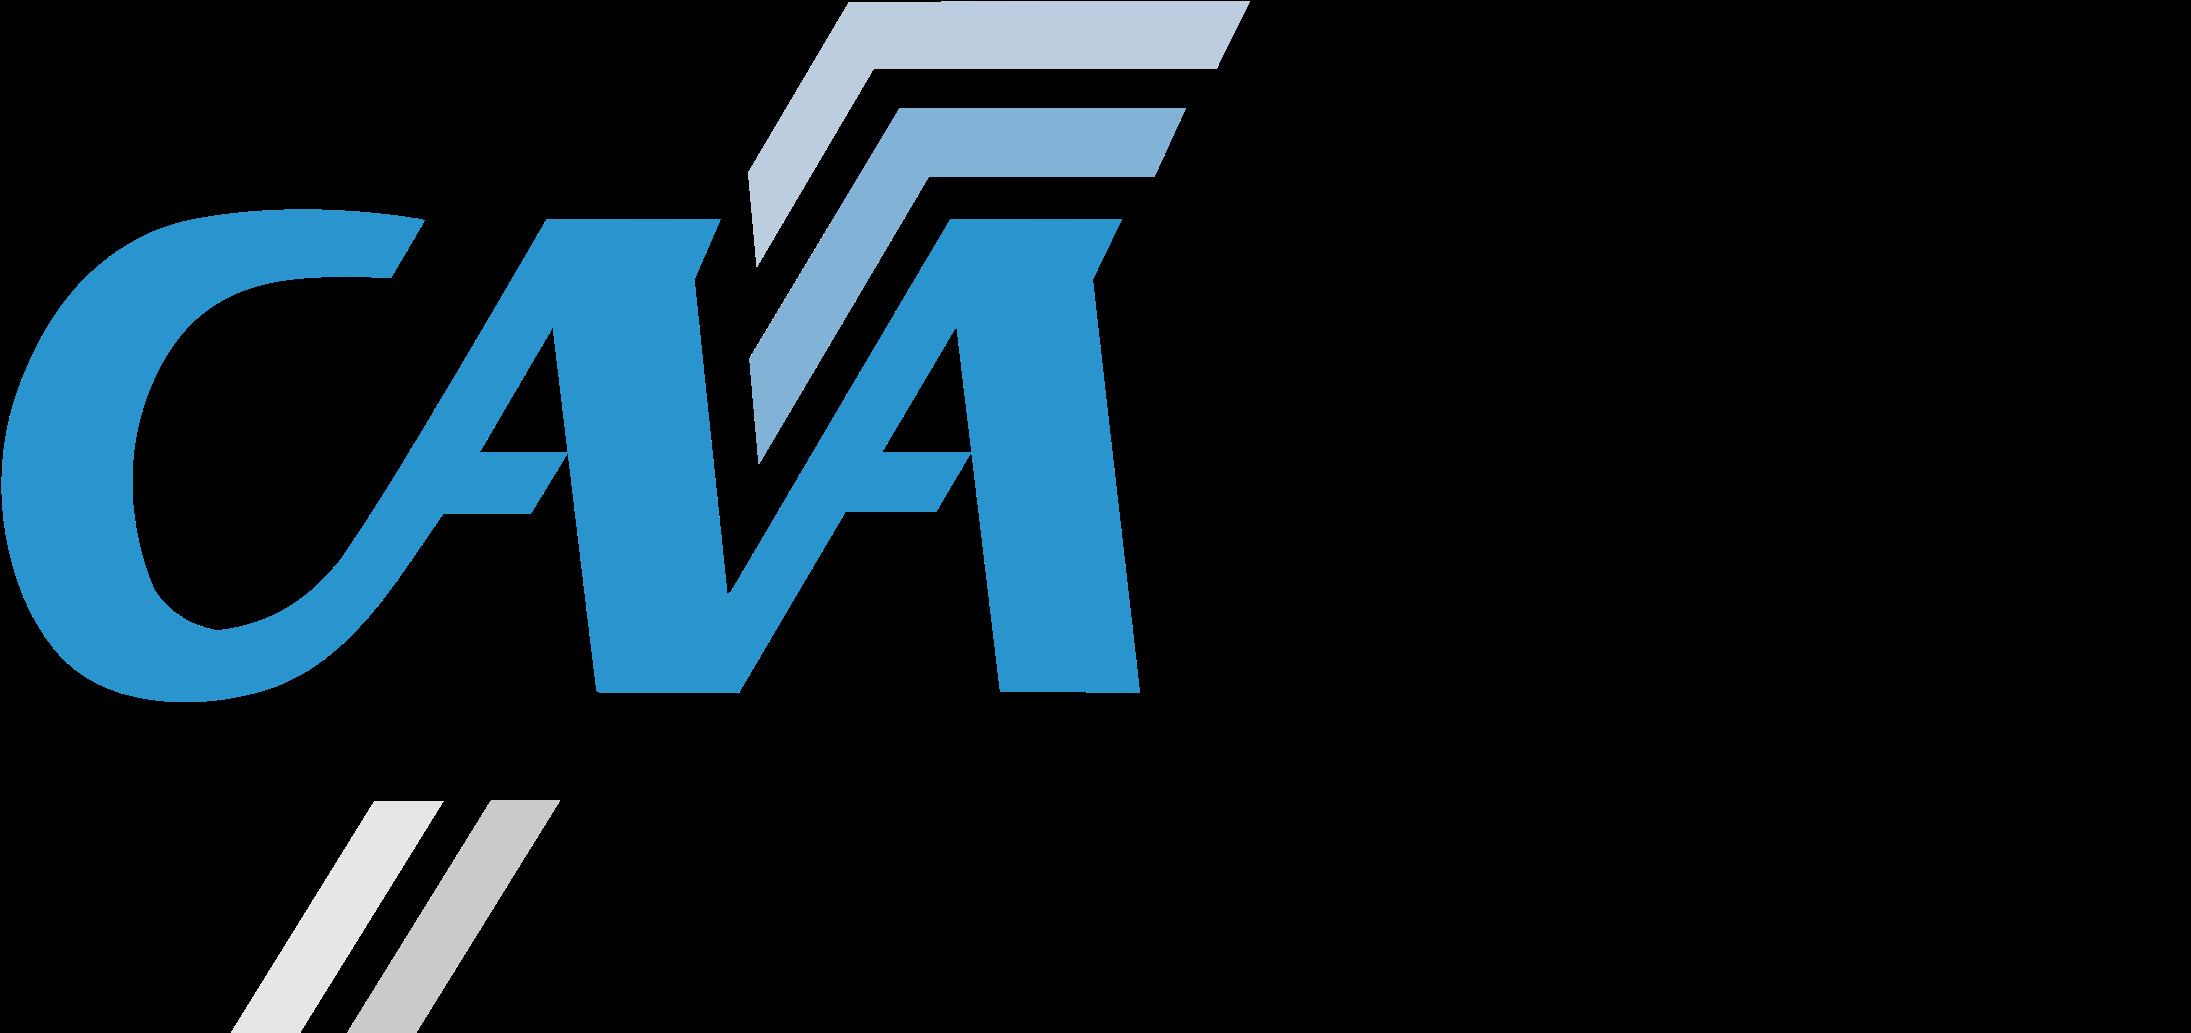 HD Caa Logo Png Transparent.